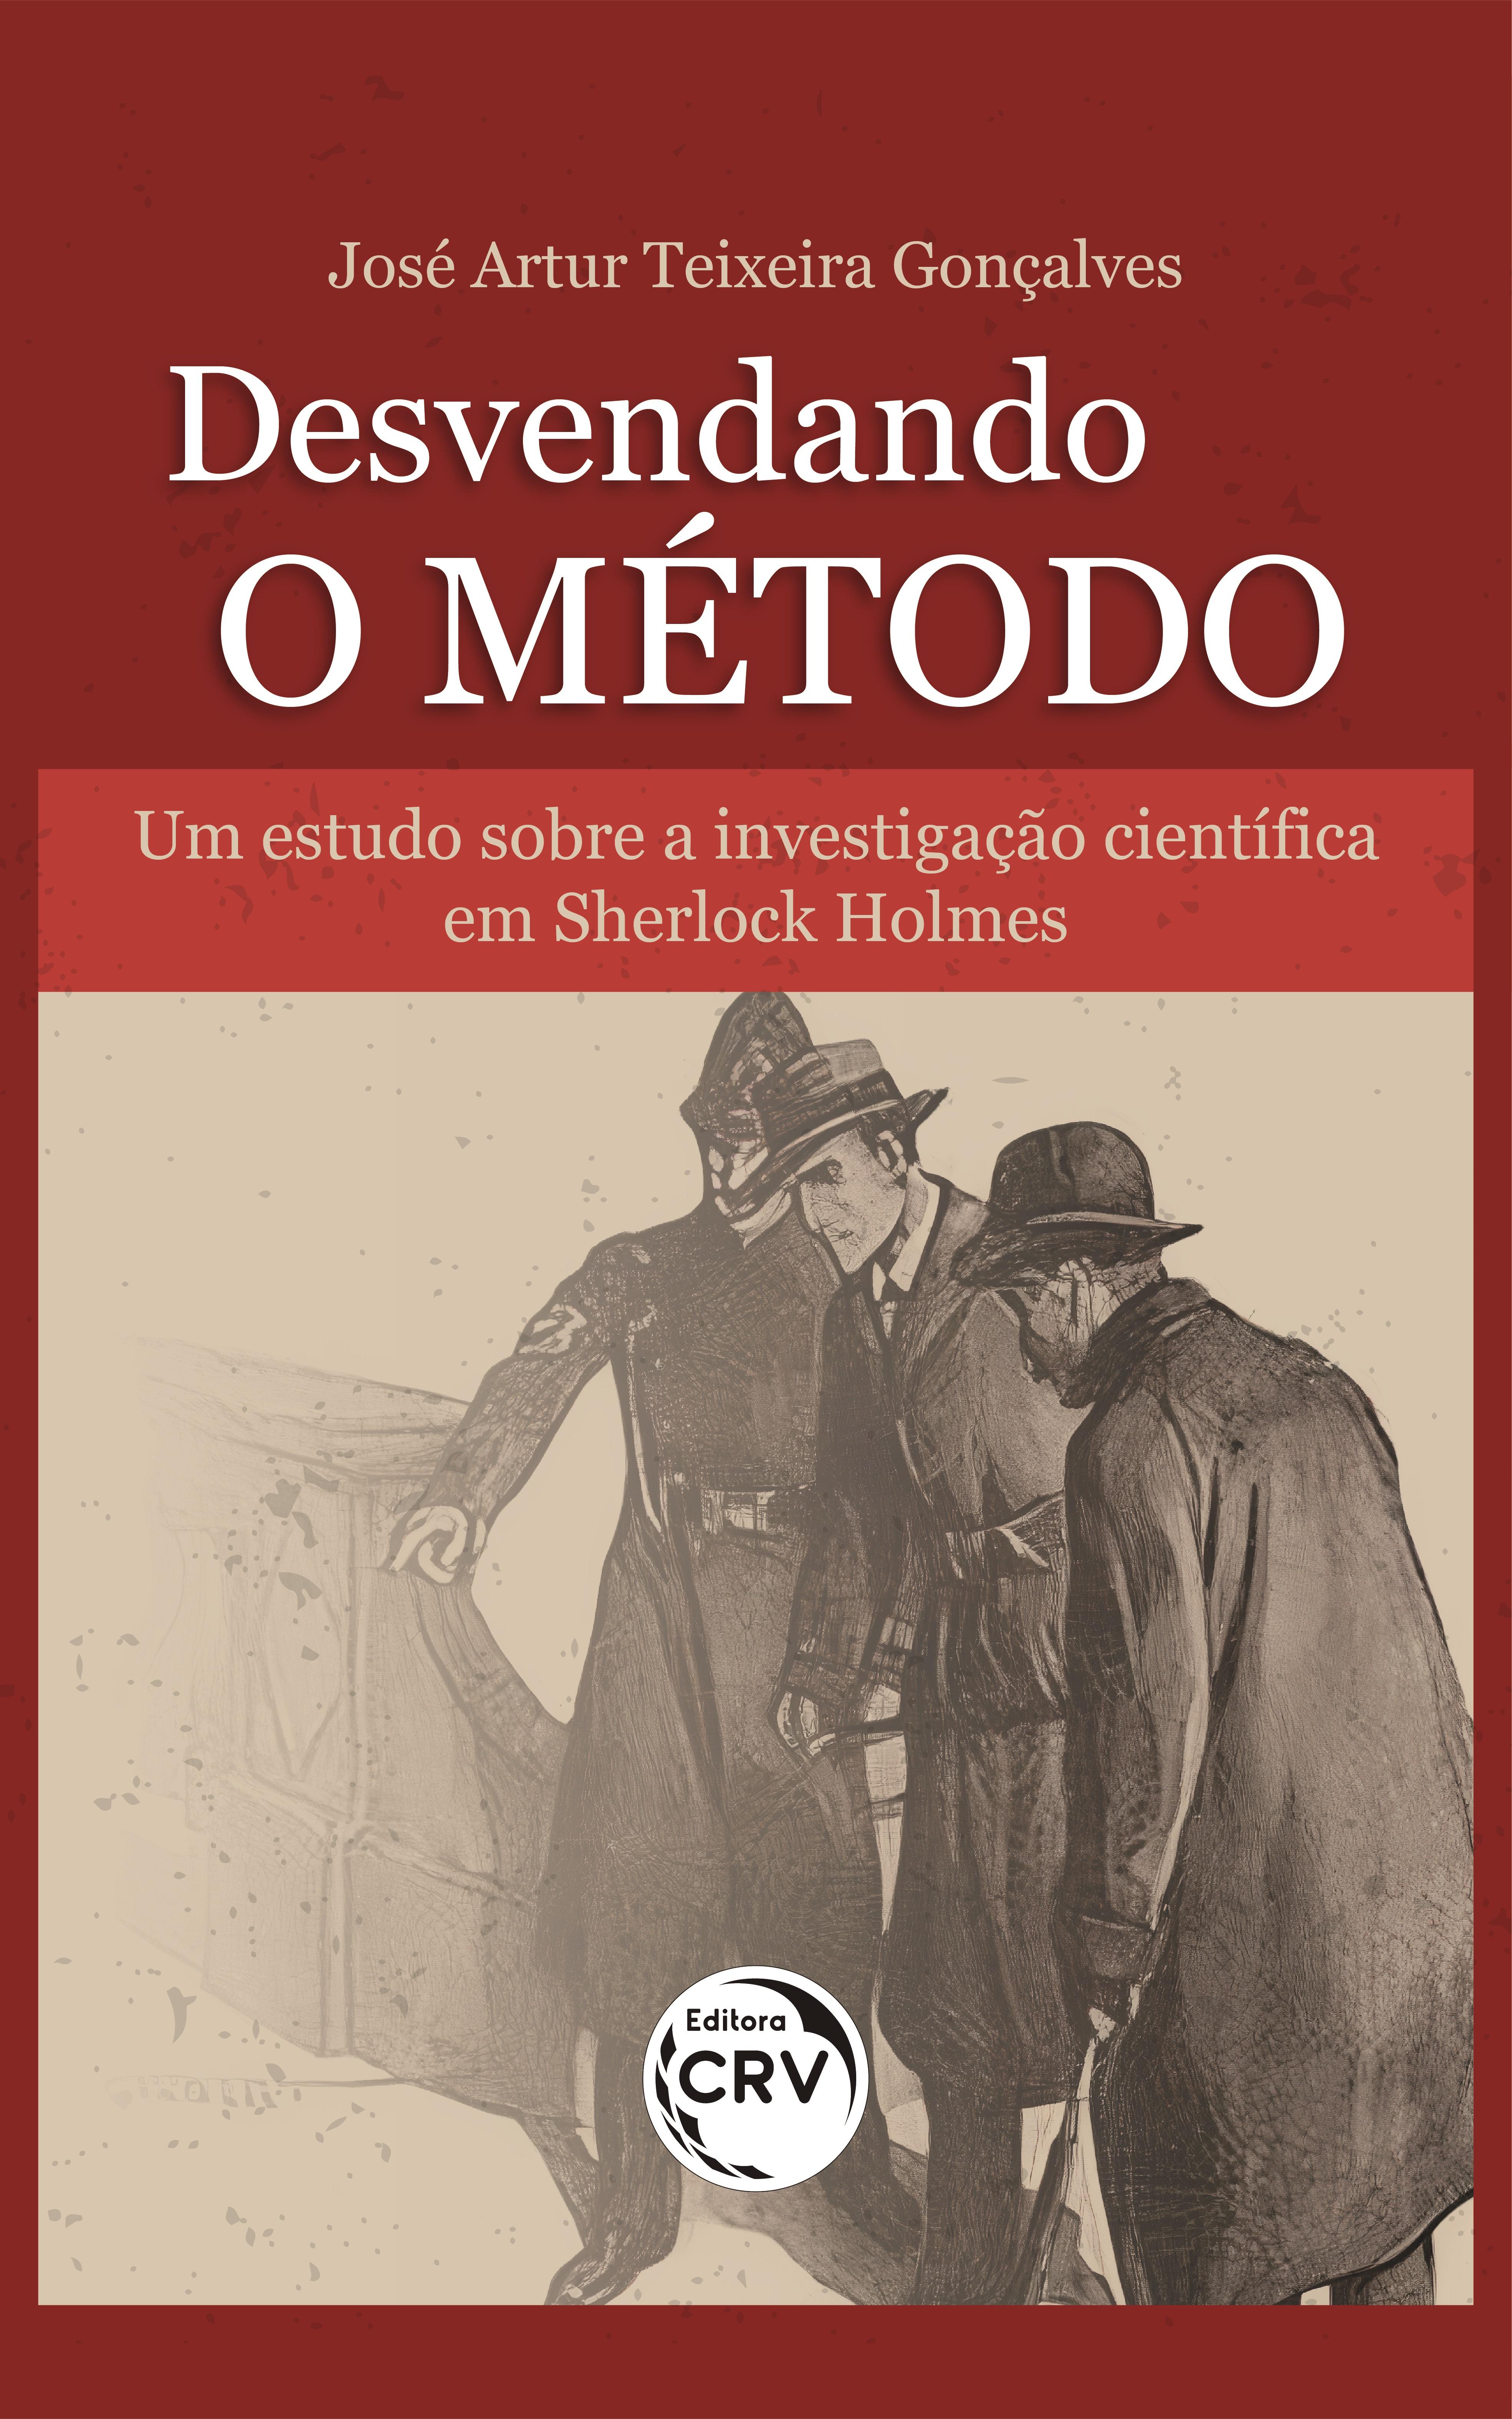 Capa do livro: DESVENDANDO O MÉTODO: <br>Um estudo sobre a investigação científica em Sherlock Holmes